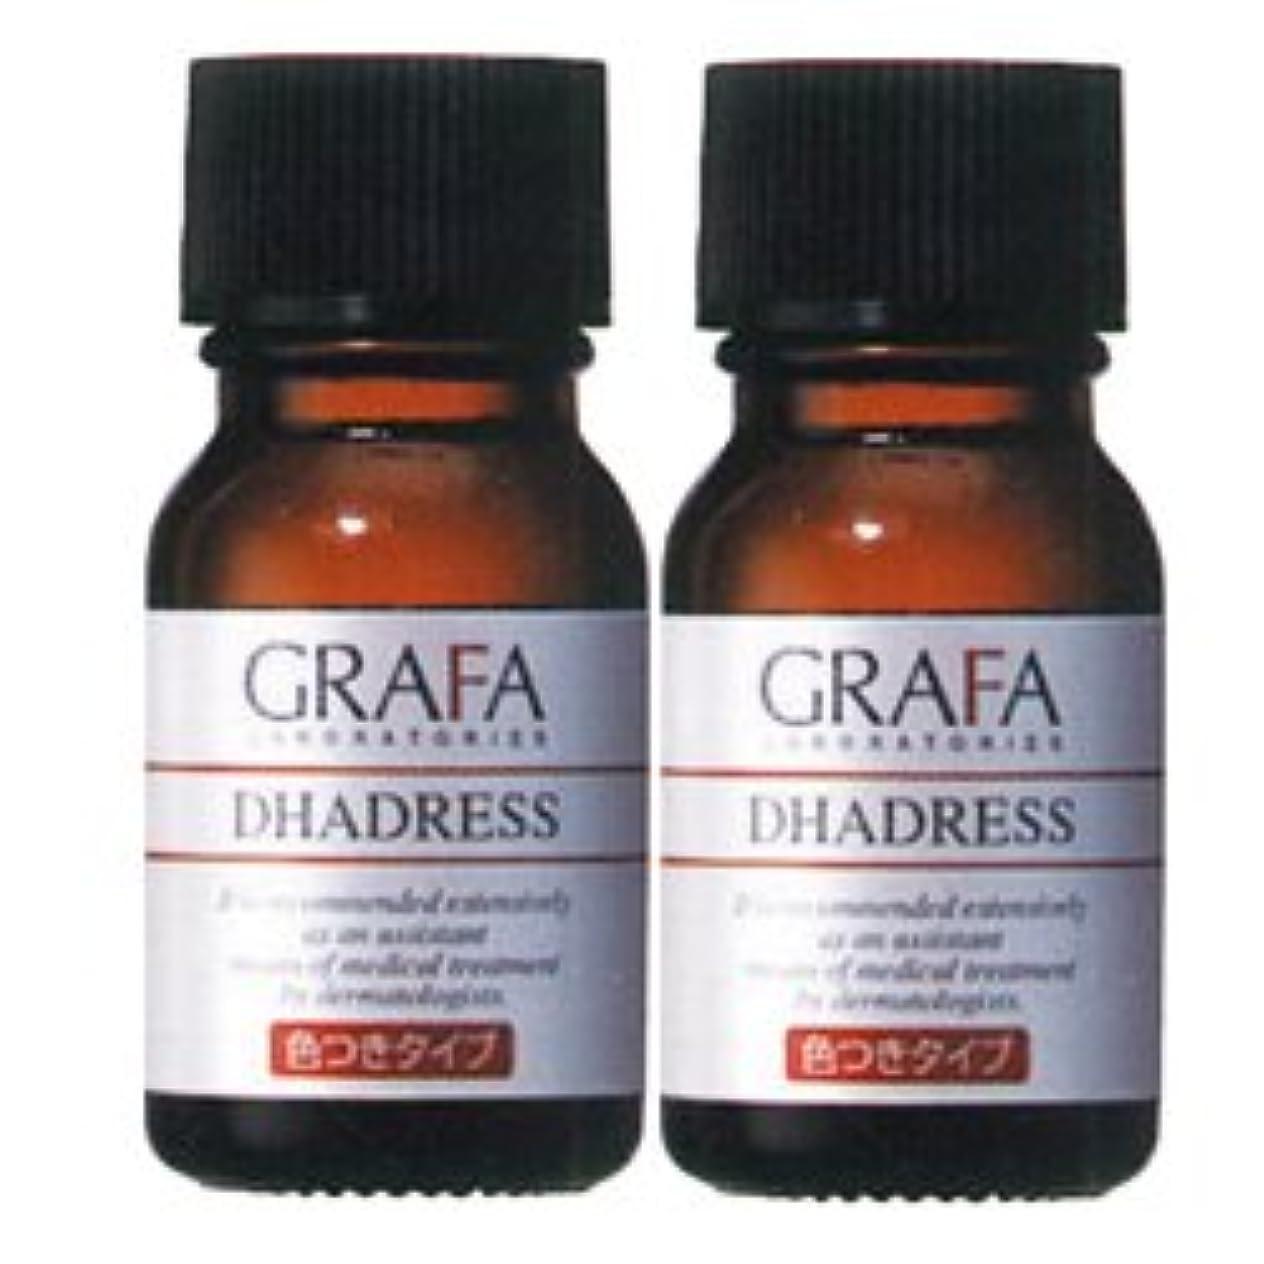 刃ロマンス農業のグラファ ダドレスC (色つきタイプ) 11mL×2本 着色用化粧水 GRAFA DHADRESS